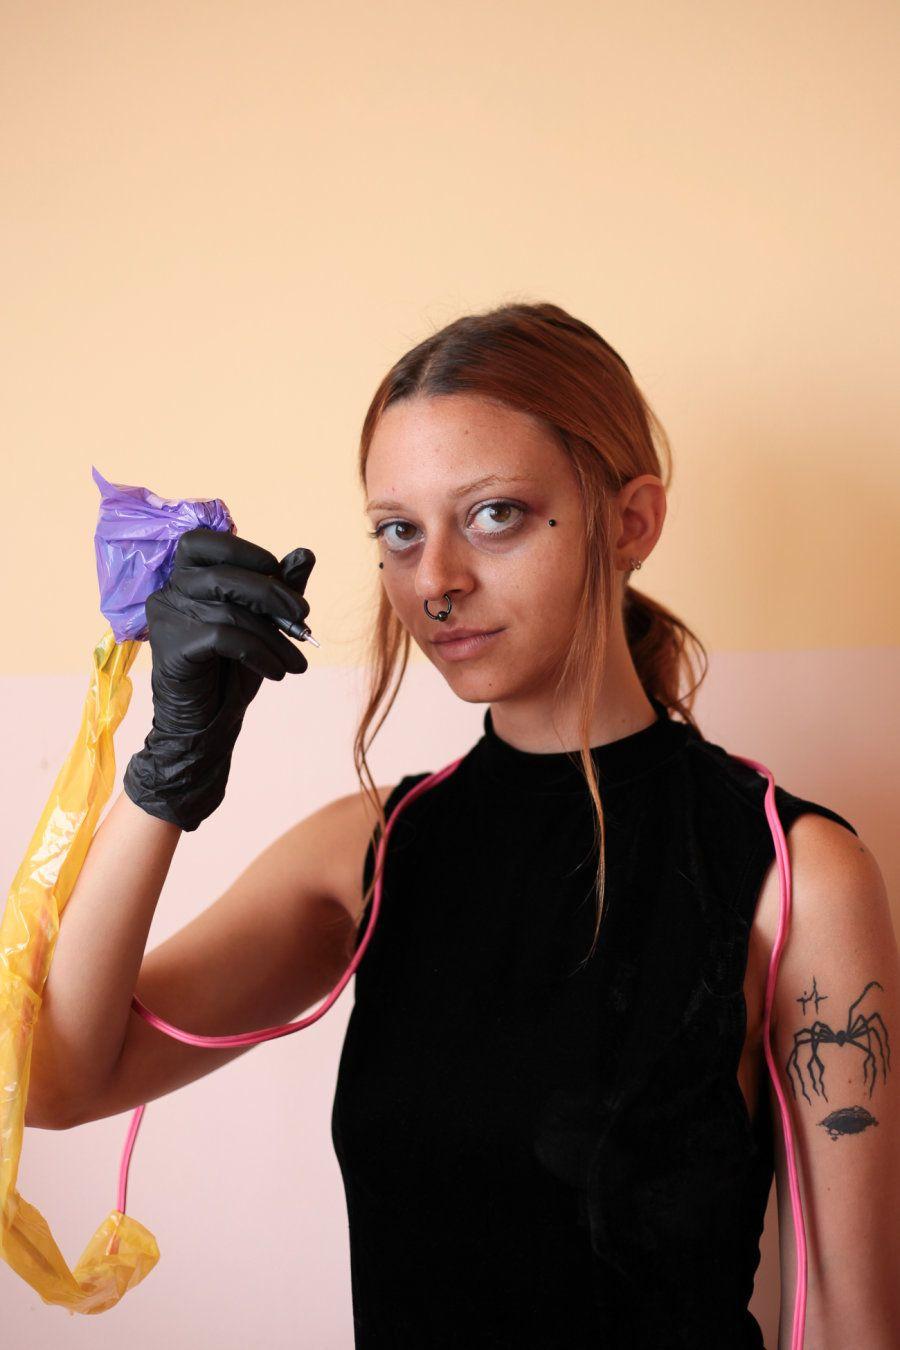 Helen conta que, hoje, a maioria das pessoas que tatuam com ela são artistas, ilustradores - que nem...